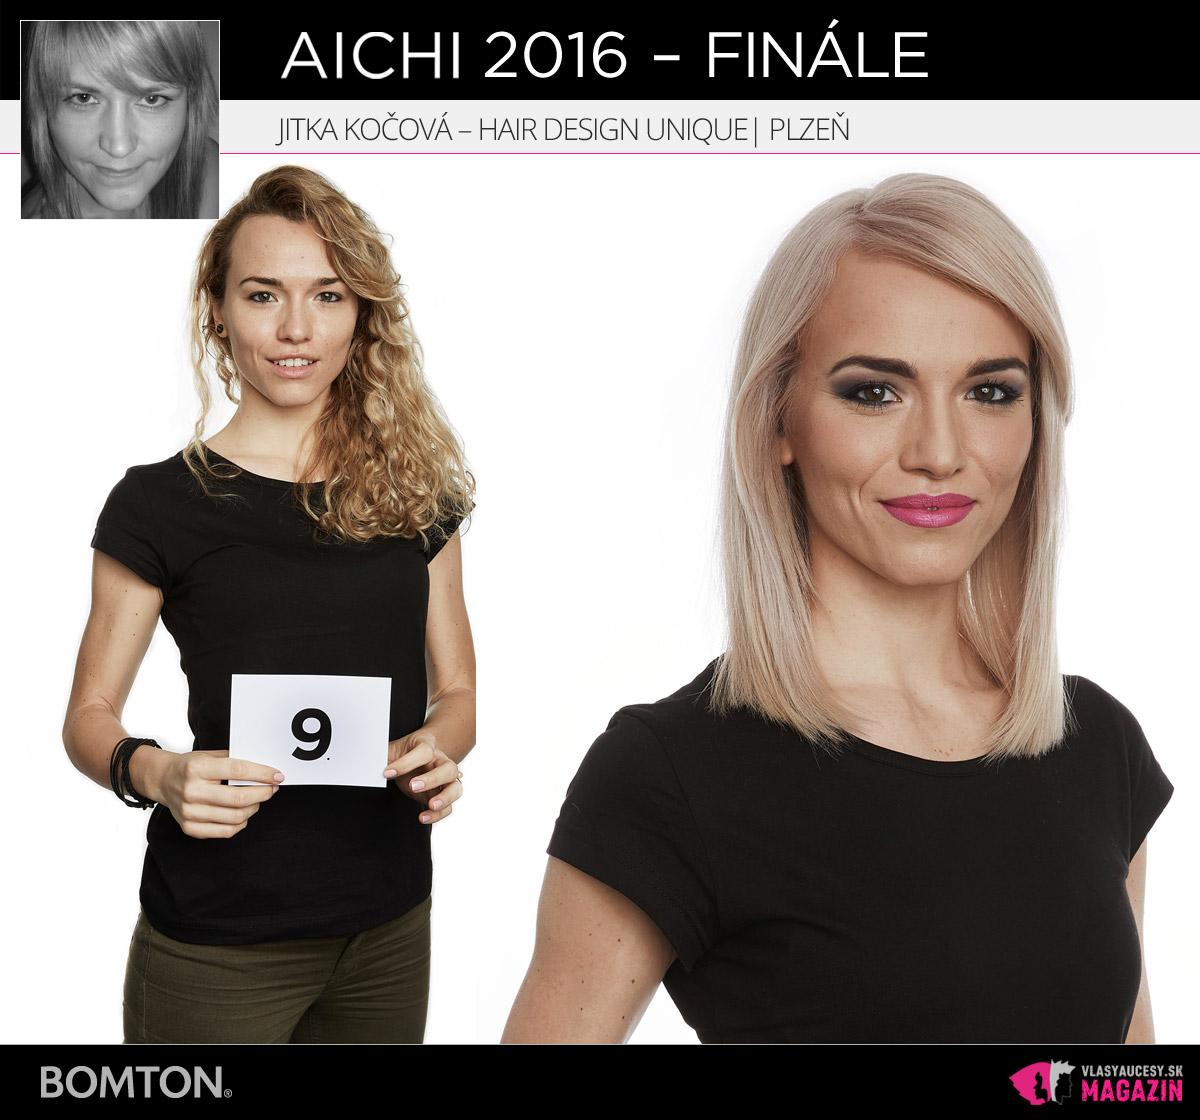 Jitka Kočová – Hair Design Unique, Plzeň | Premeny AICHI 2016 – postupujúci do finálového kola